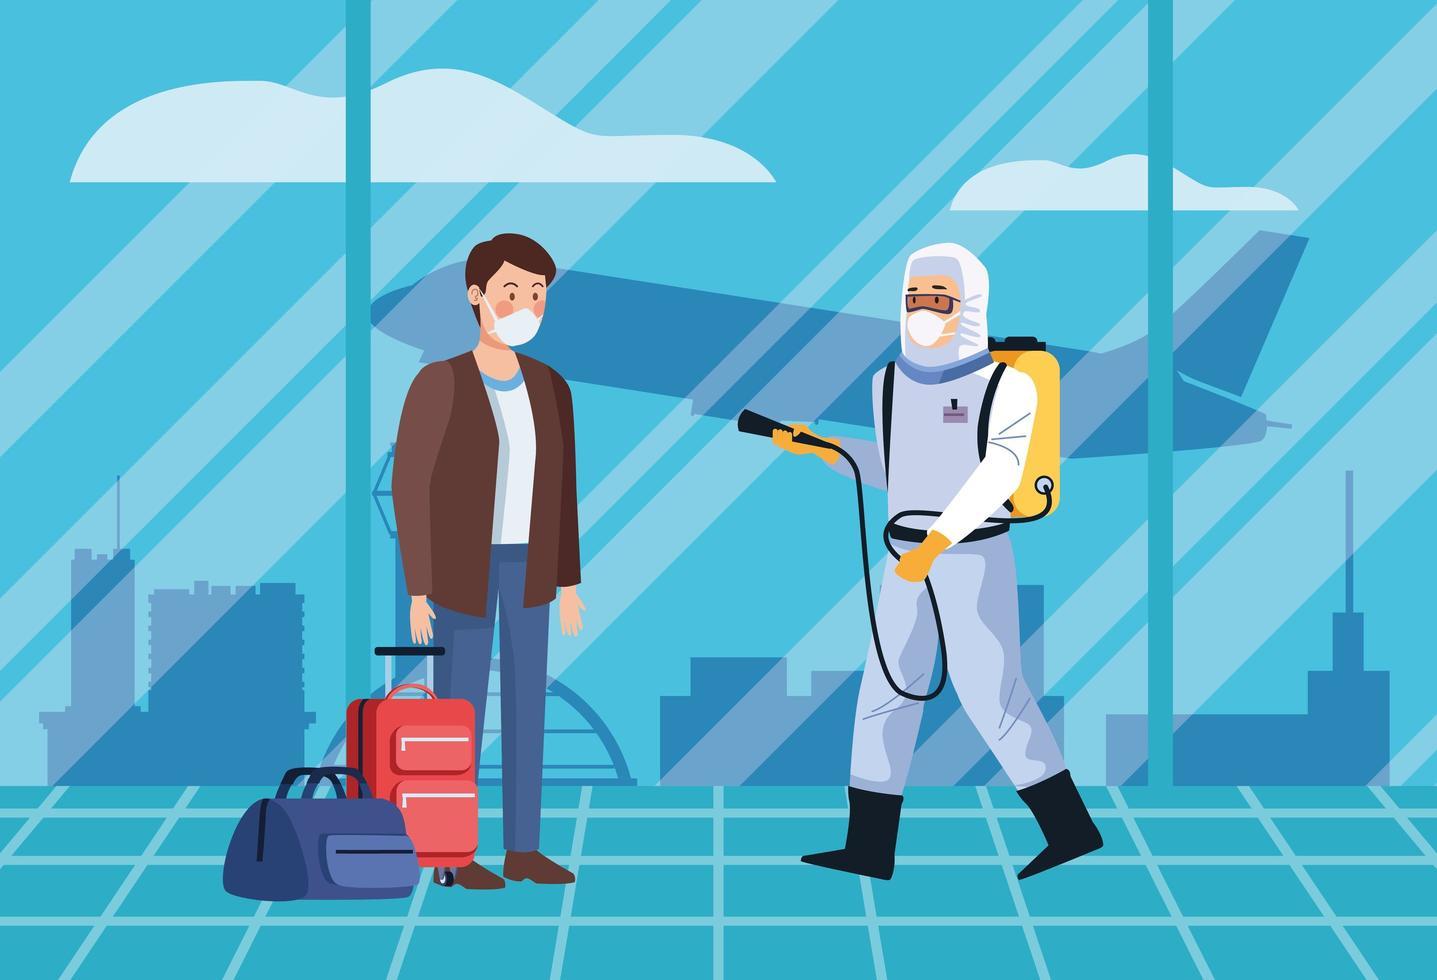 biosäkerhetsarbetare desinficerar passagerare på flygplatsen för Covid-19 vektor